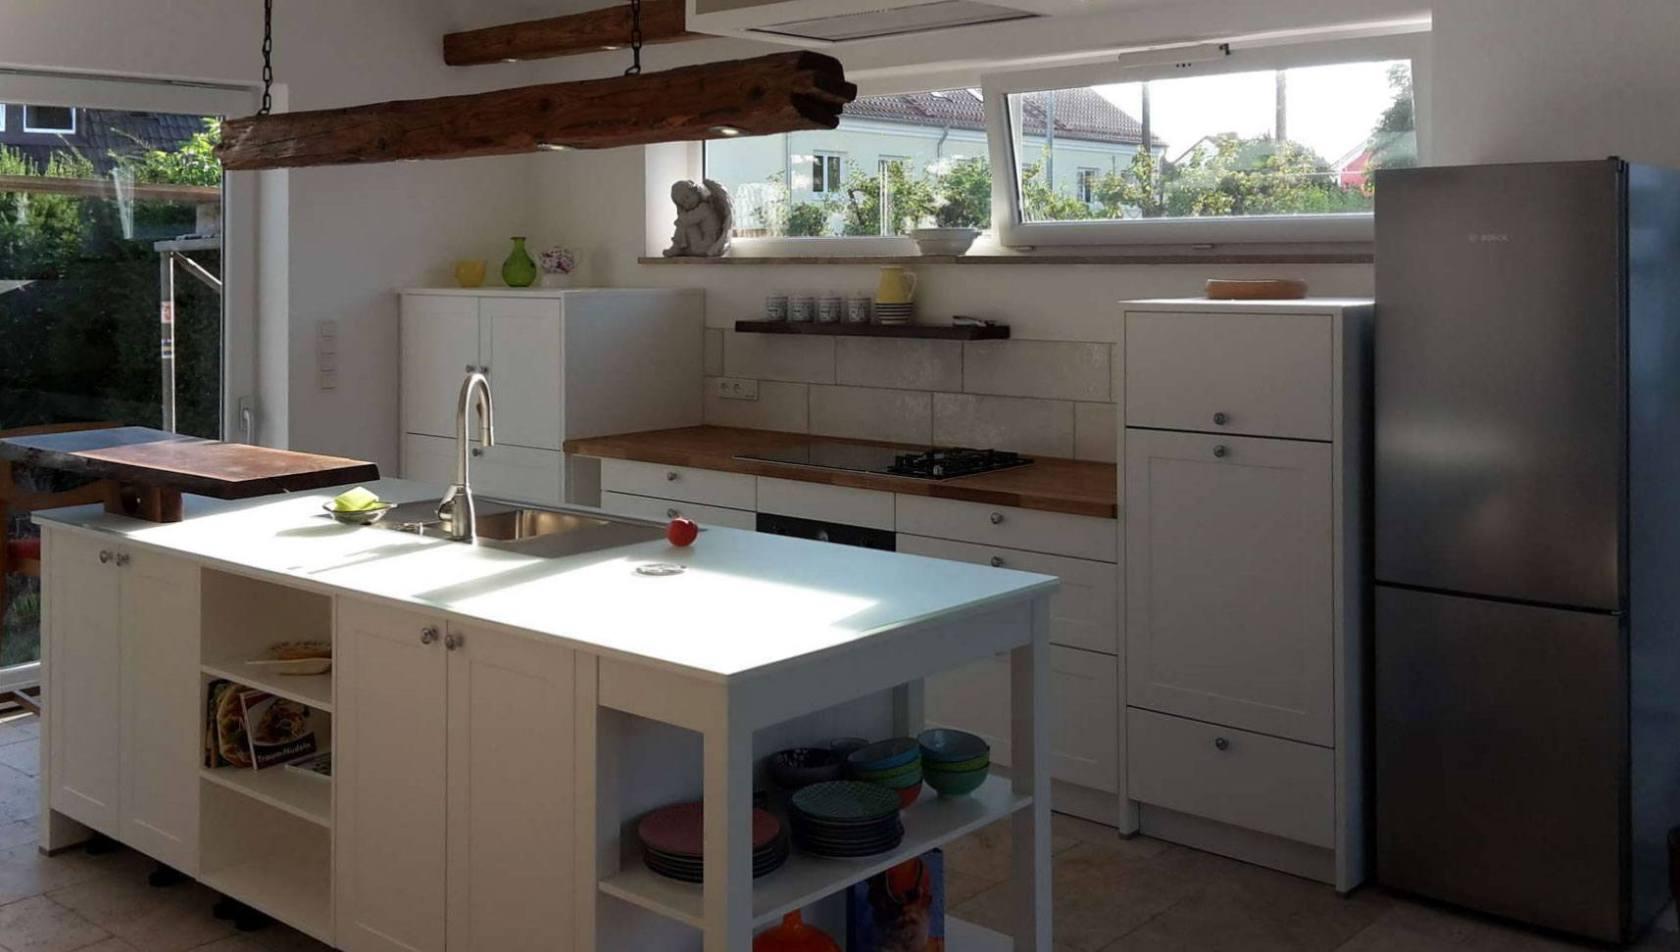 Großzügig Küchenschrank Knopf Lowes Bilder - Ideen Für Die Küche ...